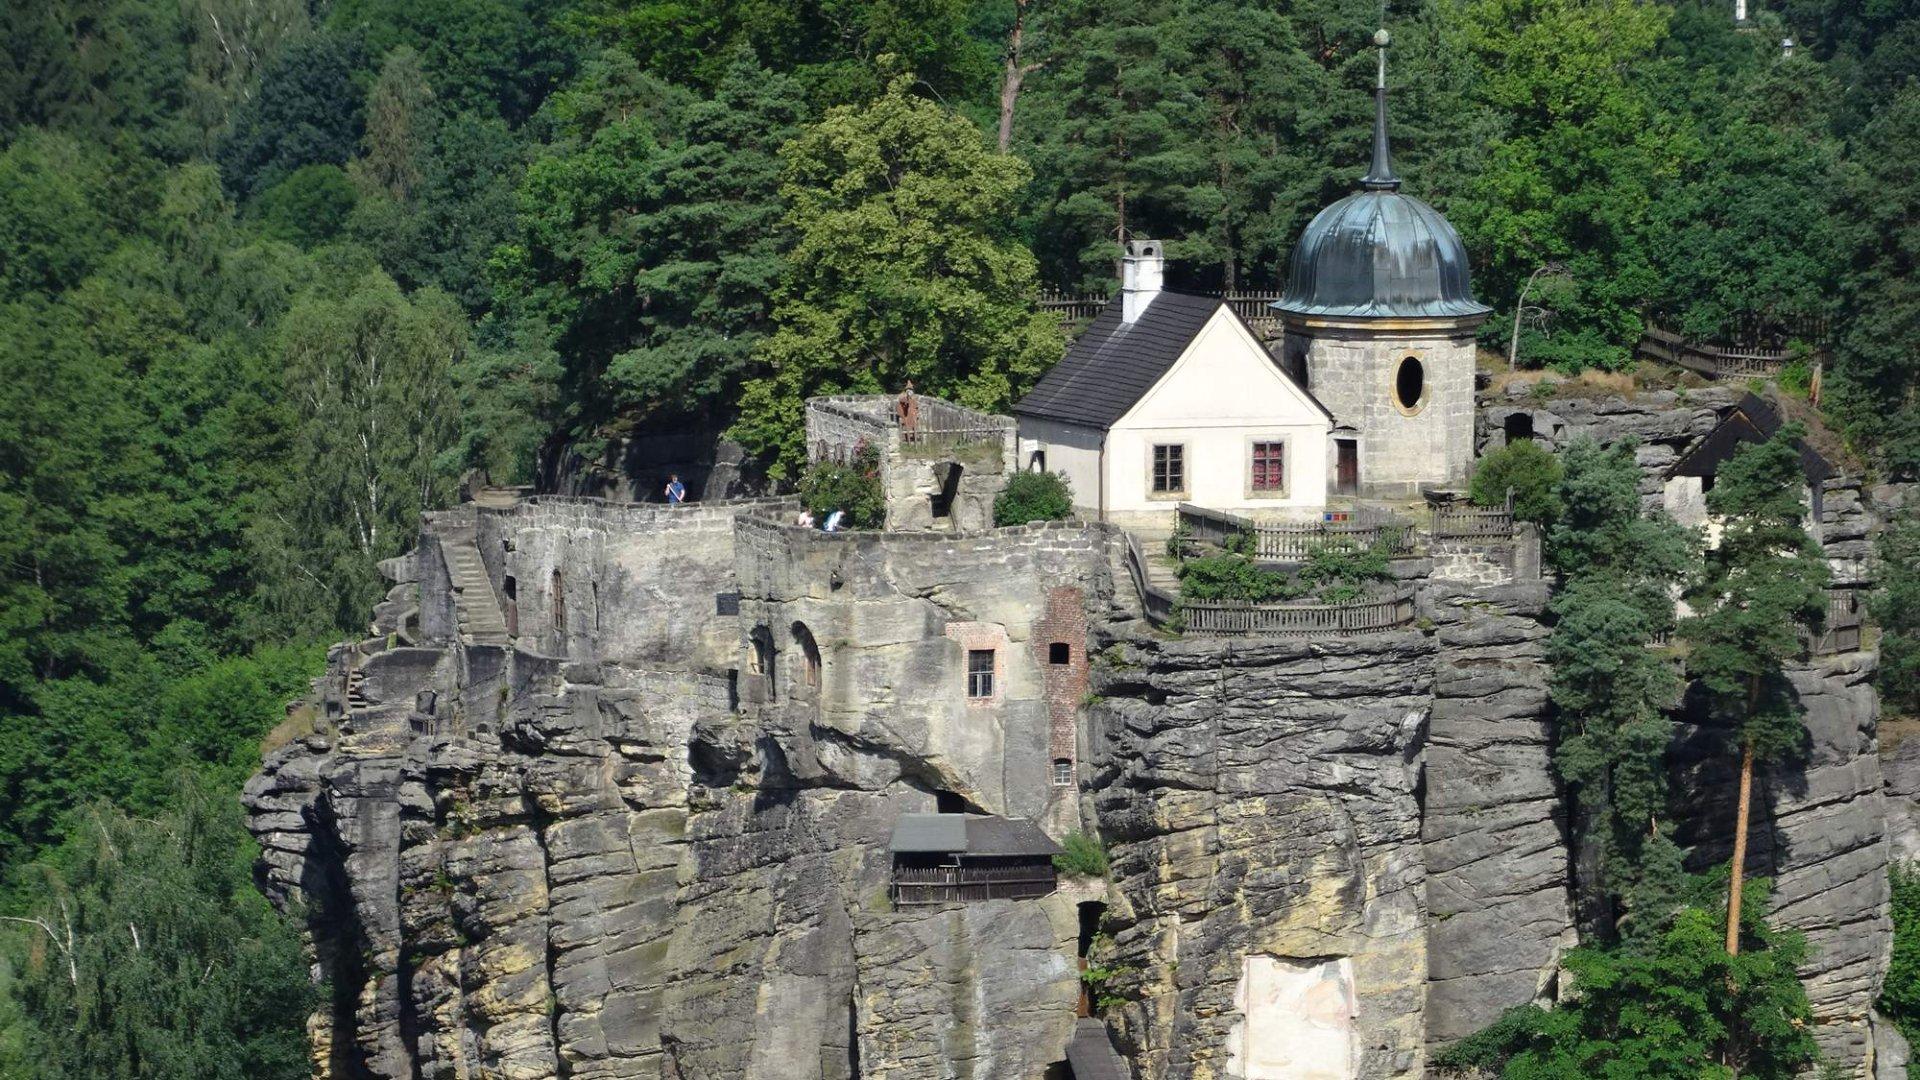 Hrad Sloup v Čechách – Průvodce unikátním skalním hradem